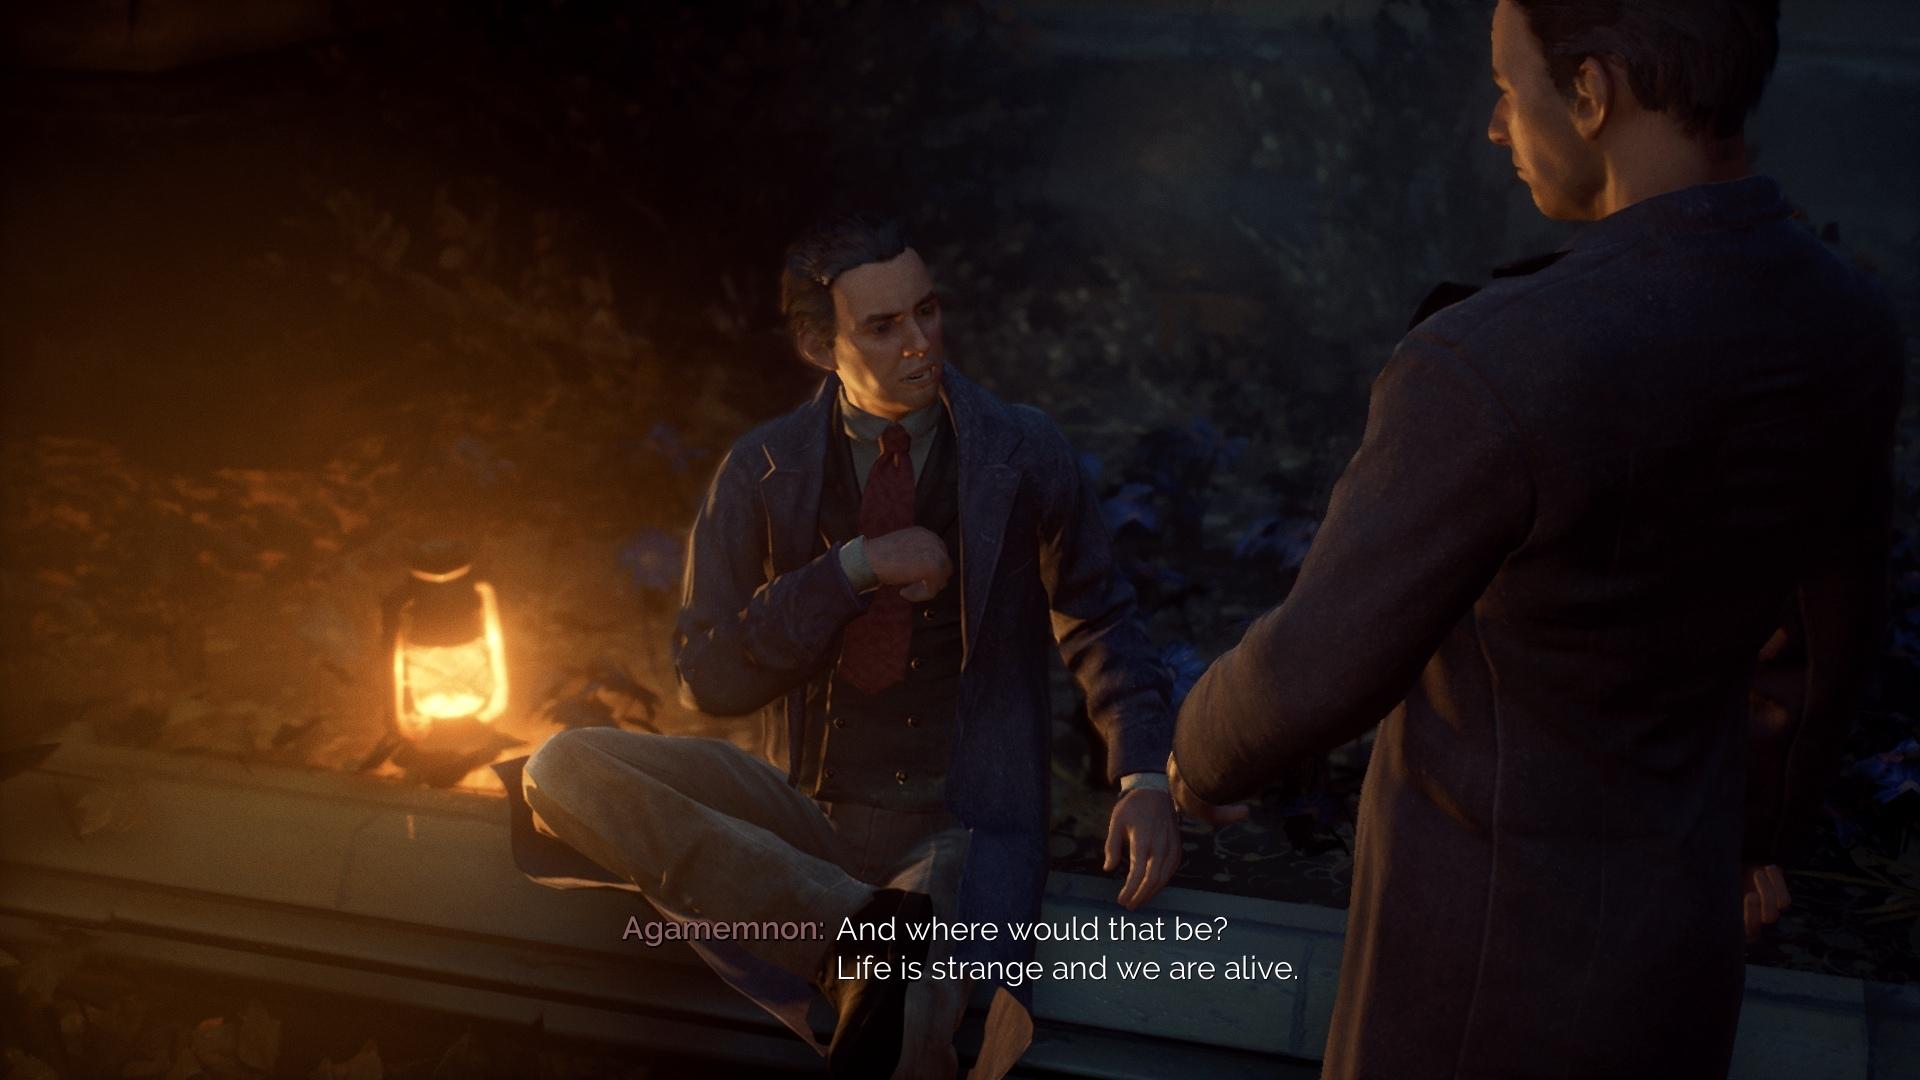 Отсылка на Life is Strange в другой игре от DONTNOD (Vampyr).